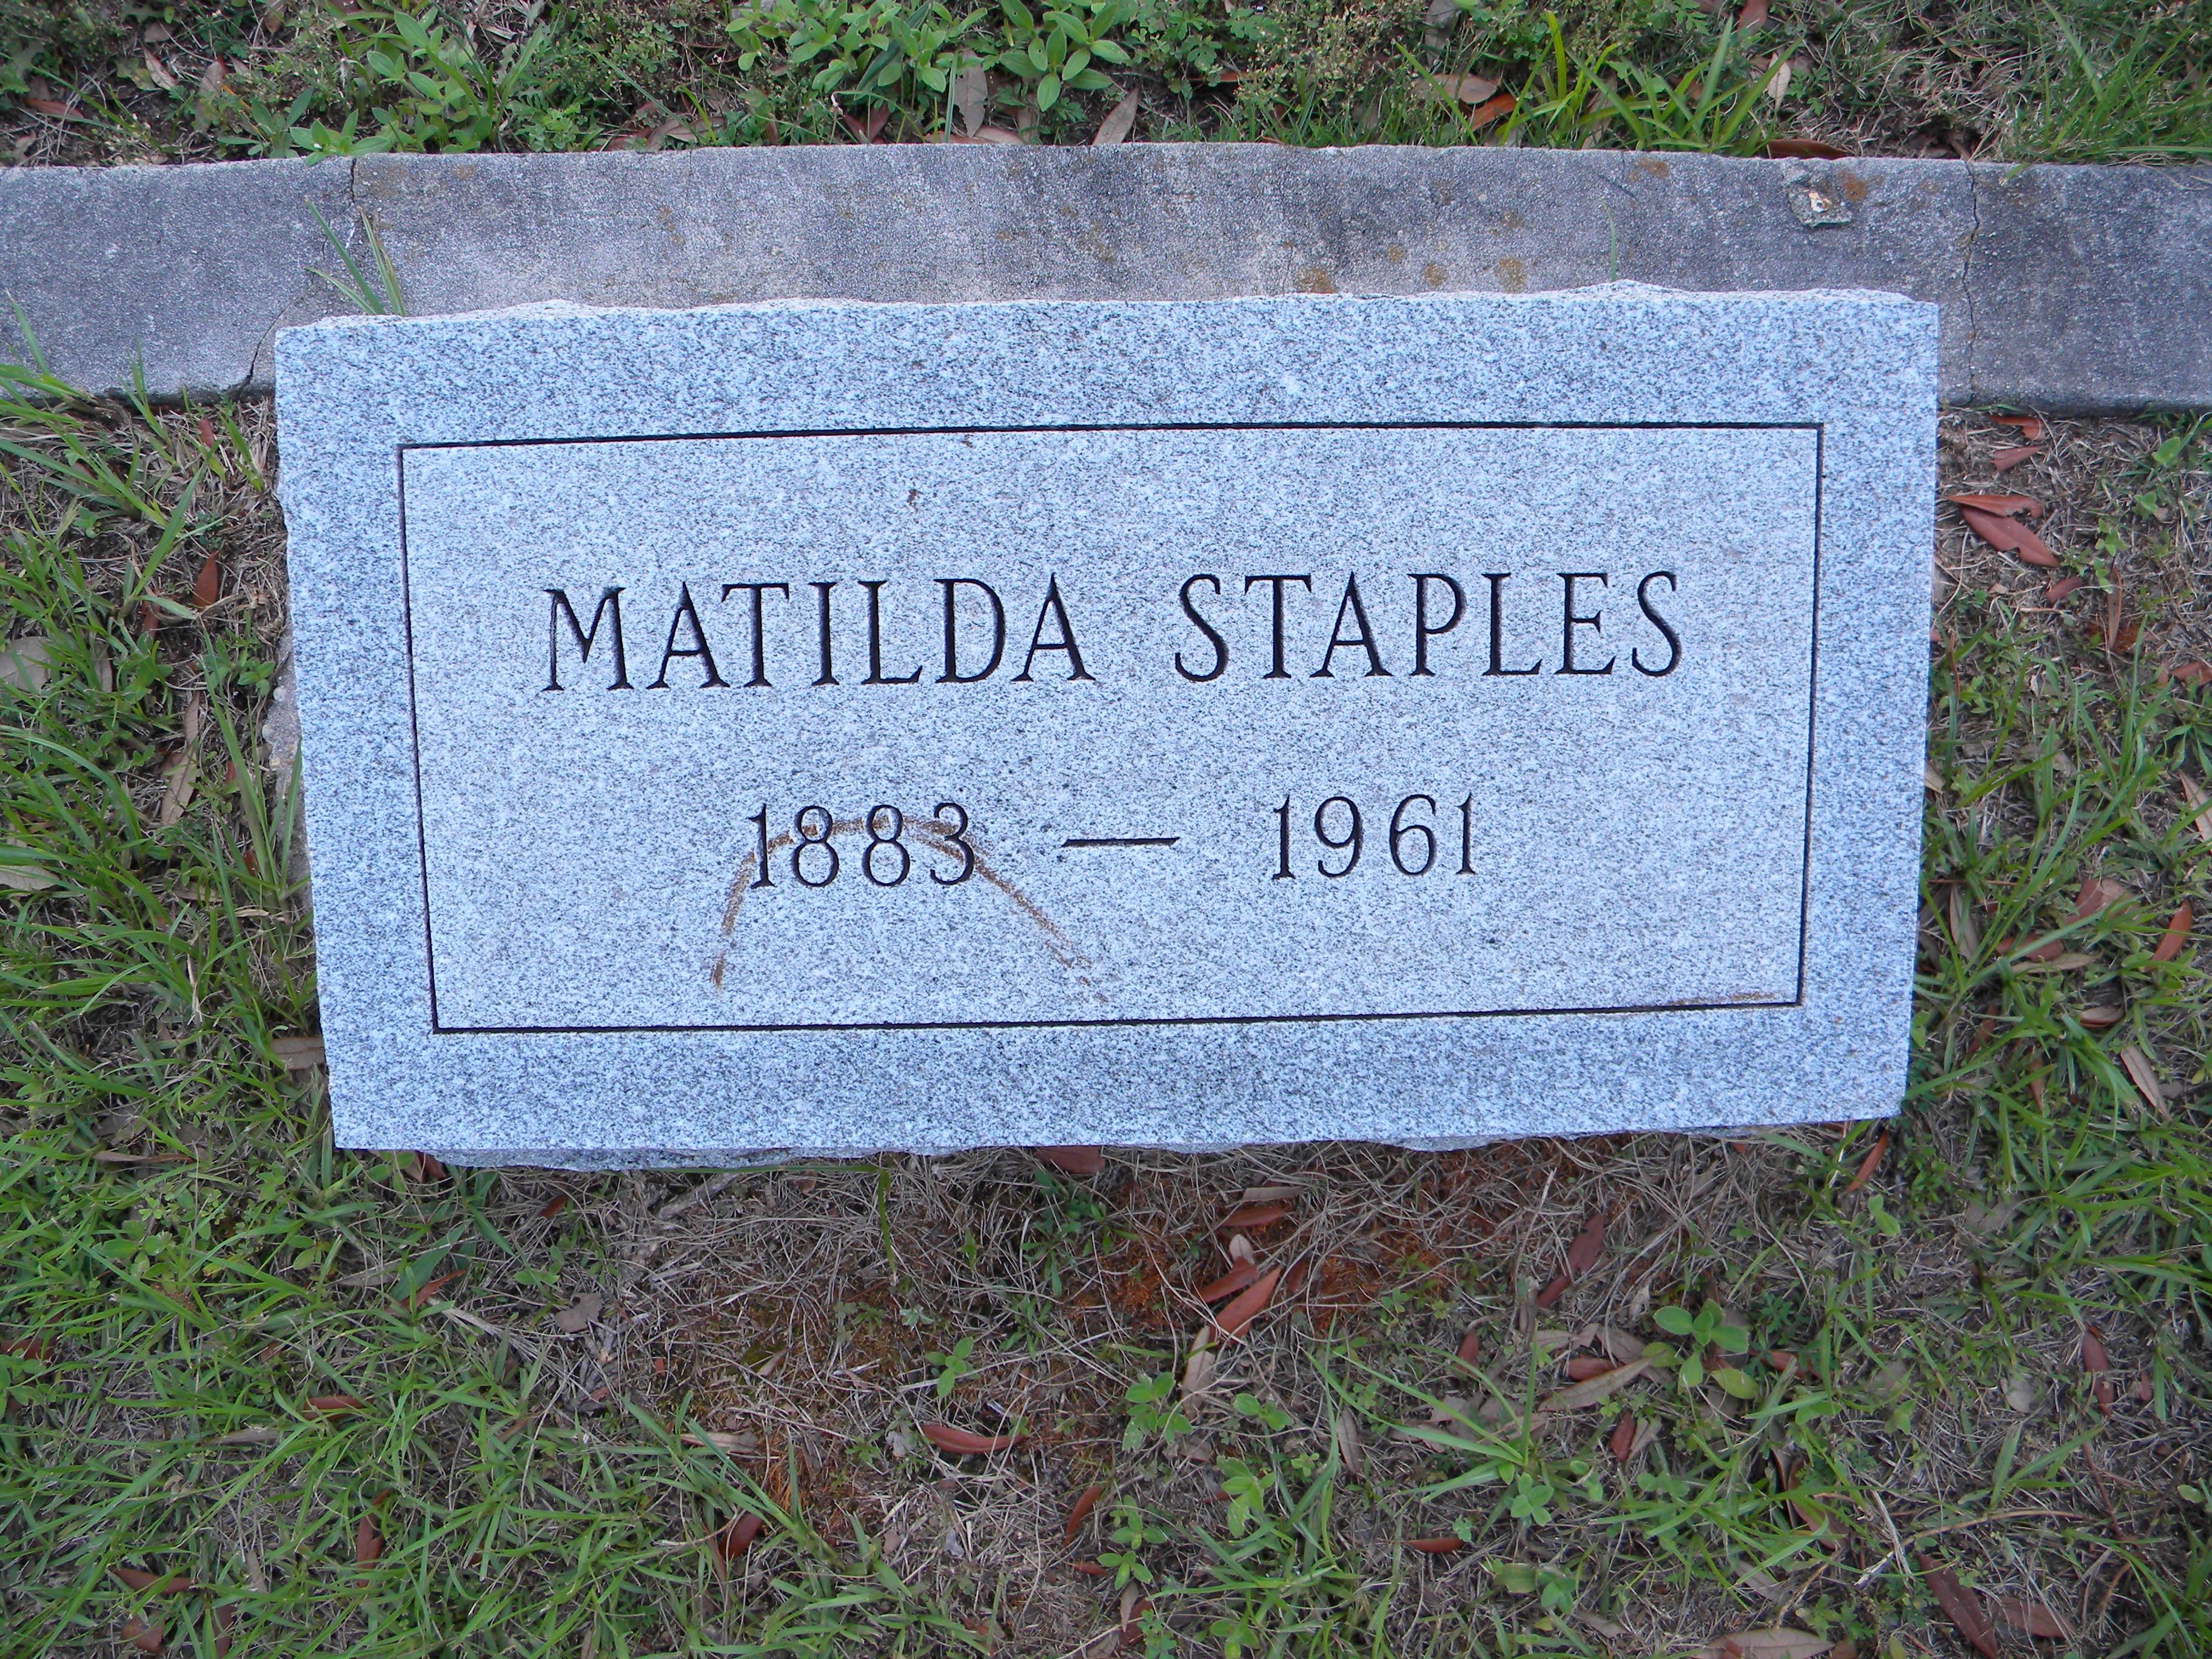 Matilda Staples